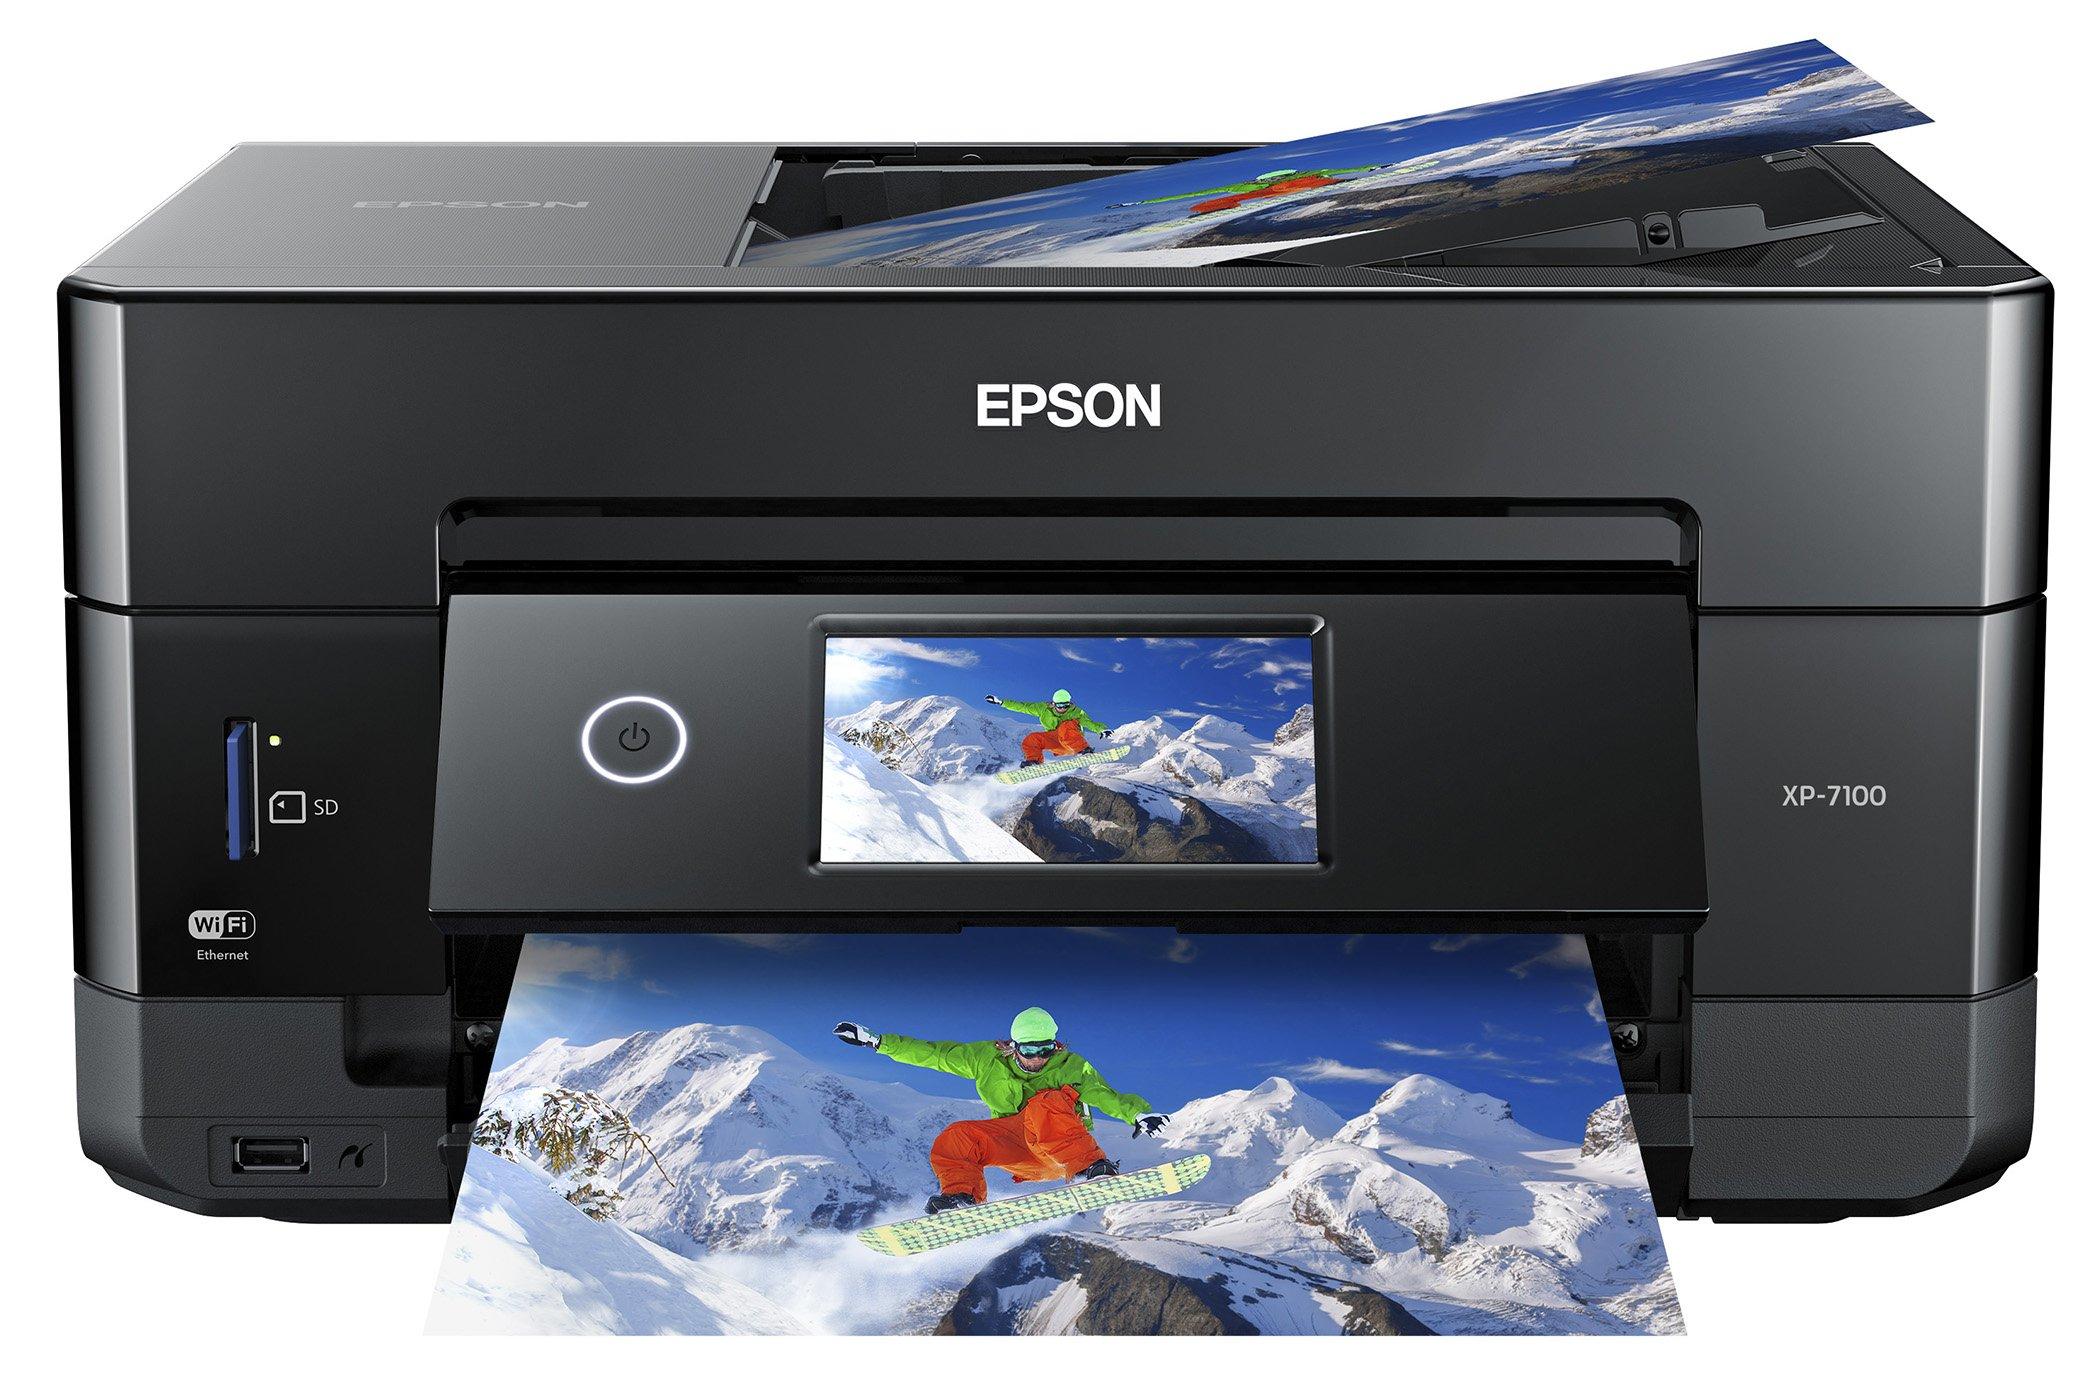 Epson XP 7100 Expression Premium Wireless